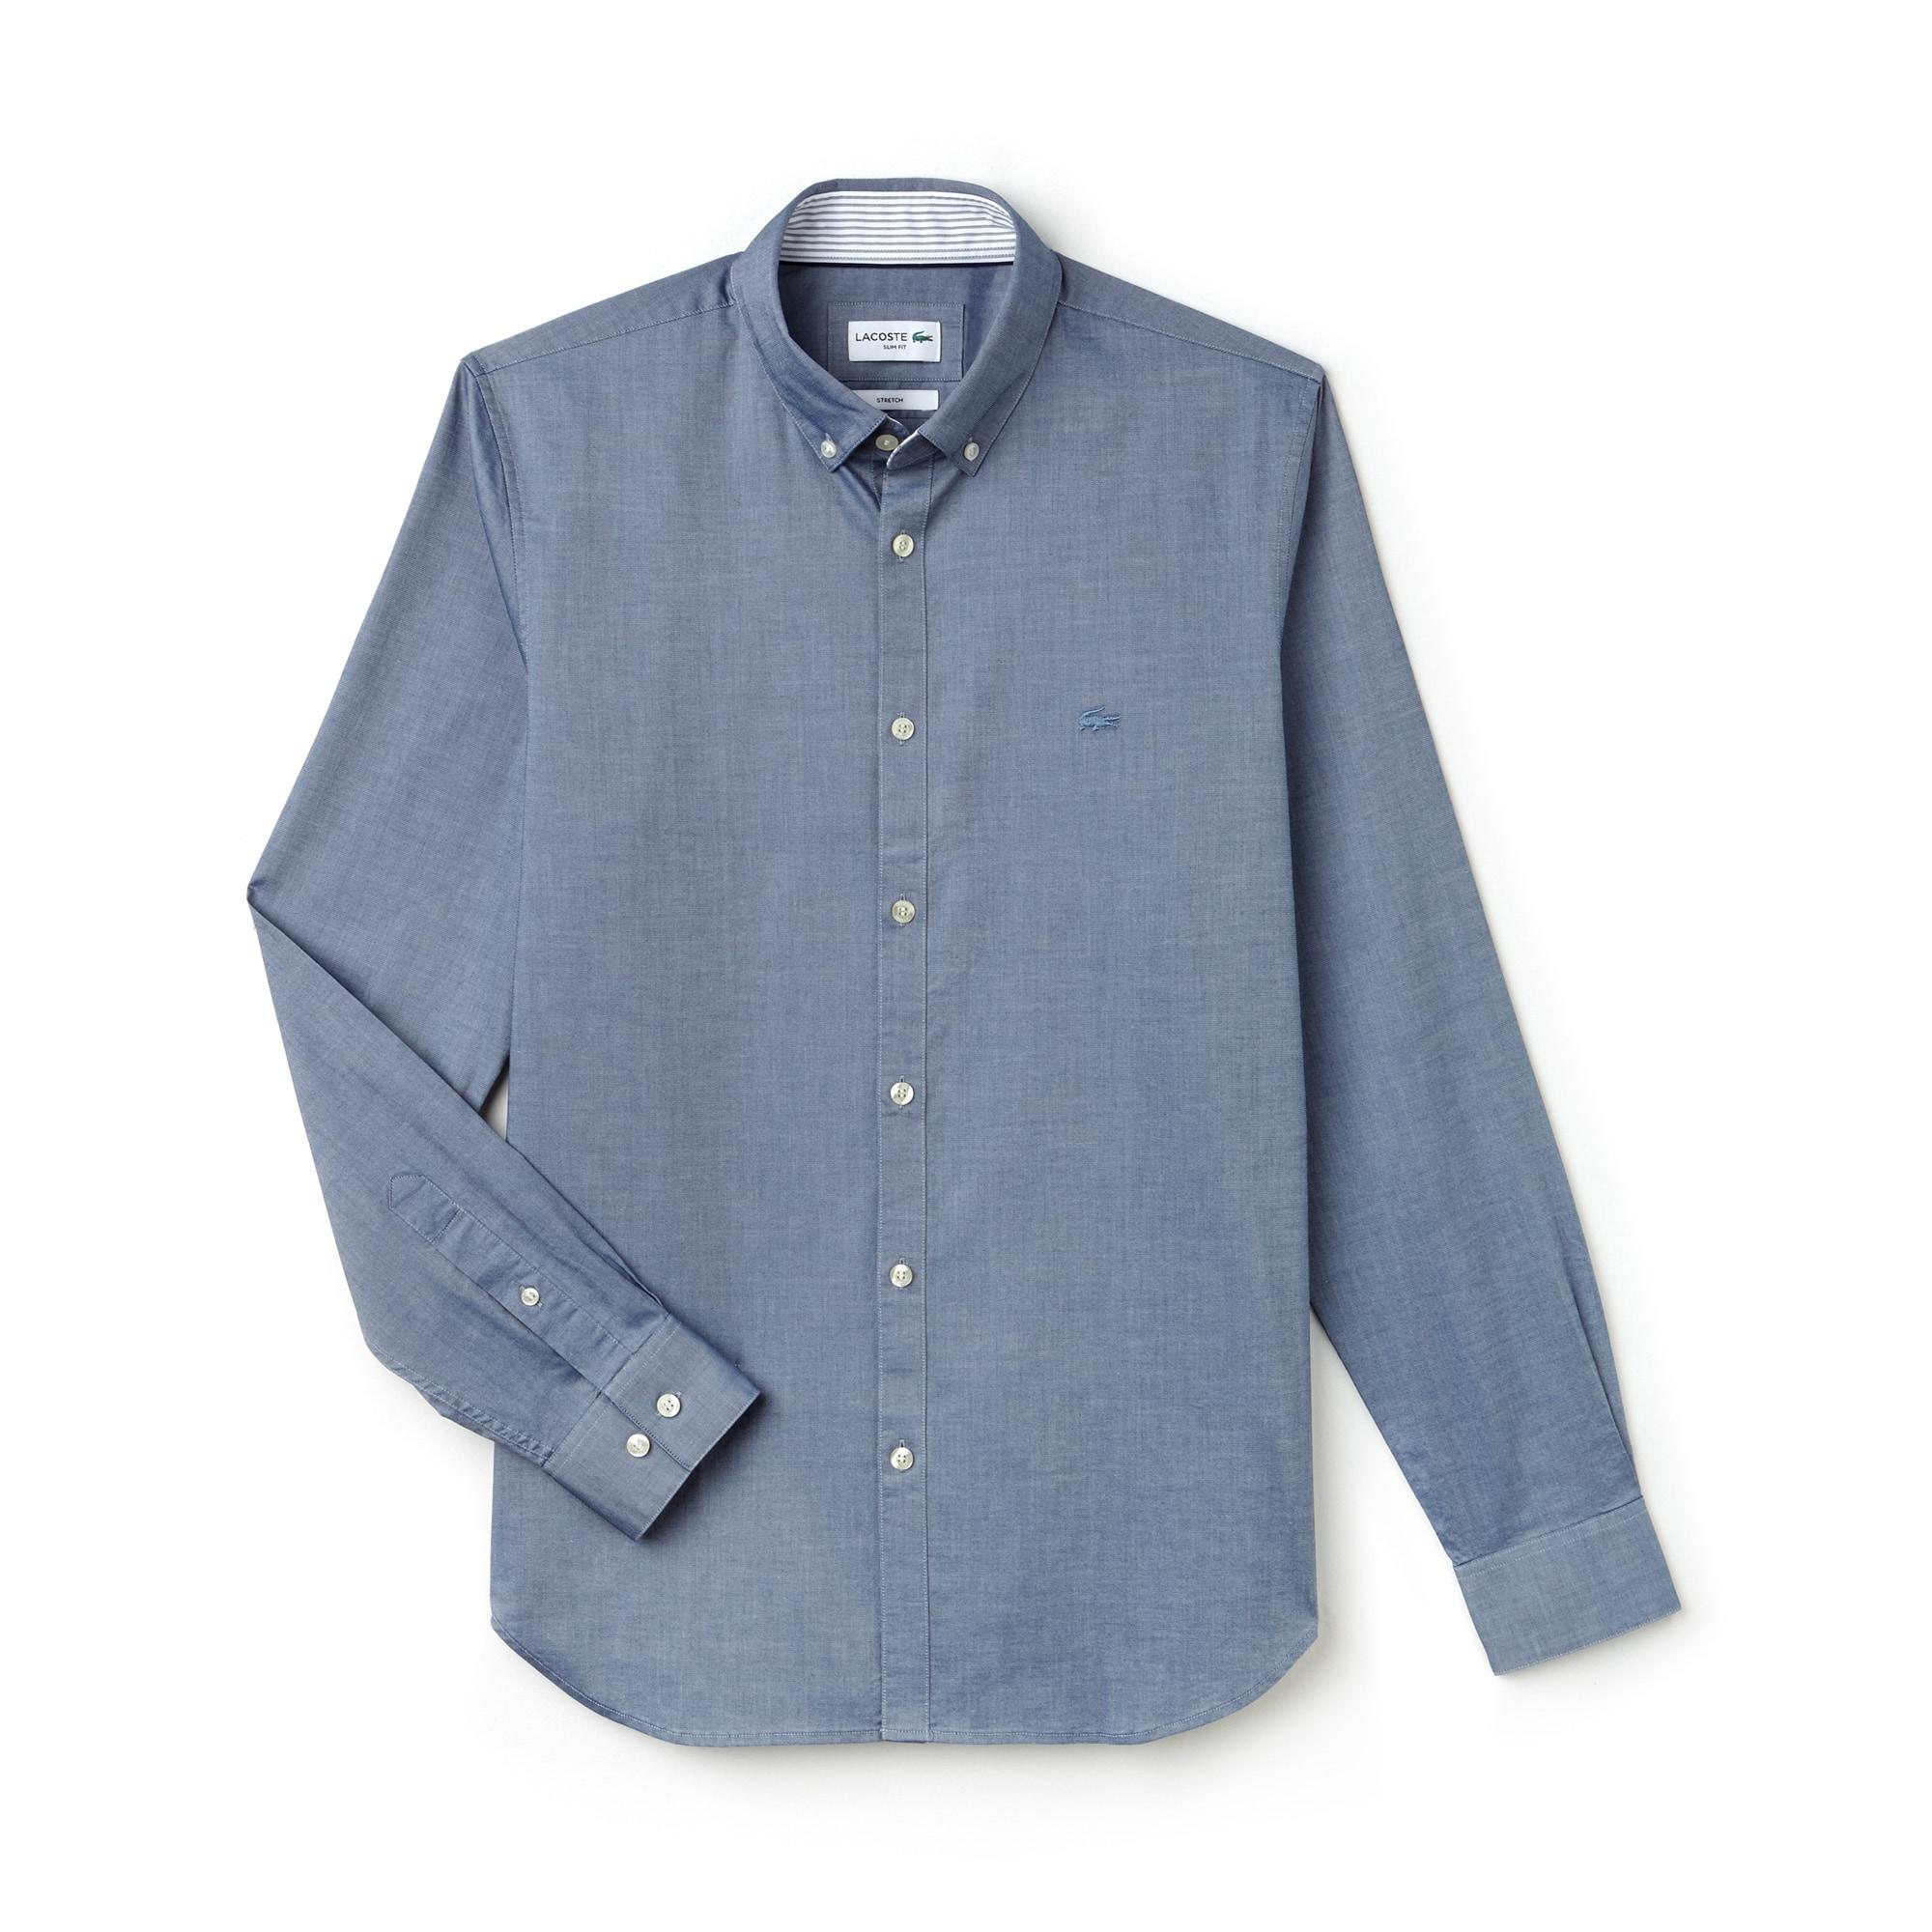 Camisa Slim Fit Masculina em Popelina de Algodão Stretch